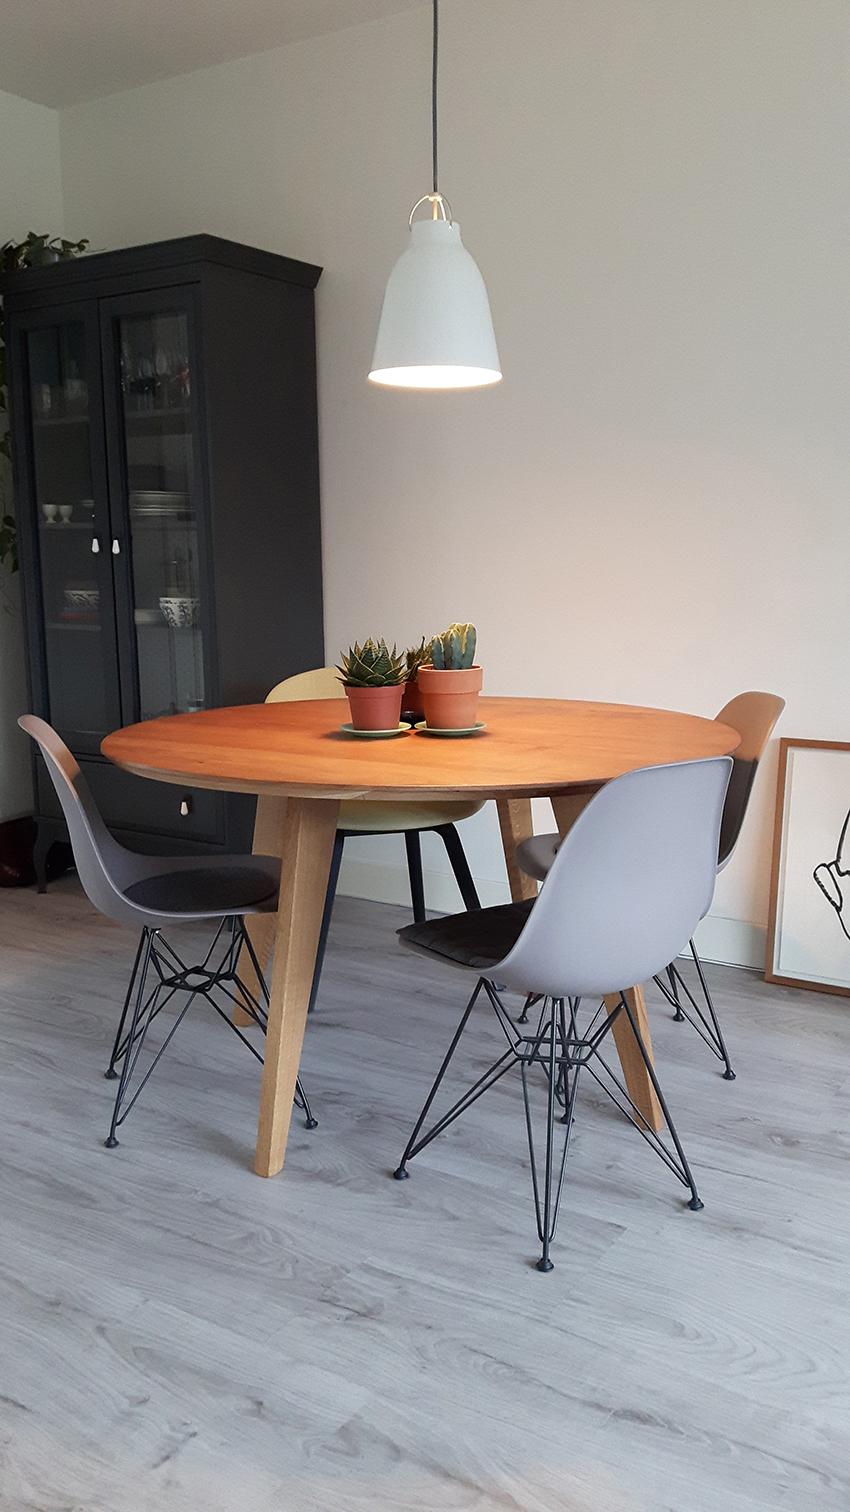 Ronde moderne eettafel review Heiloo